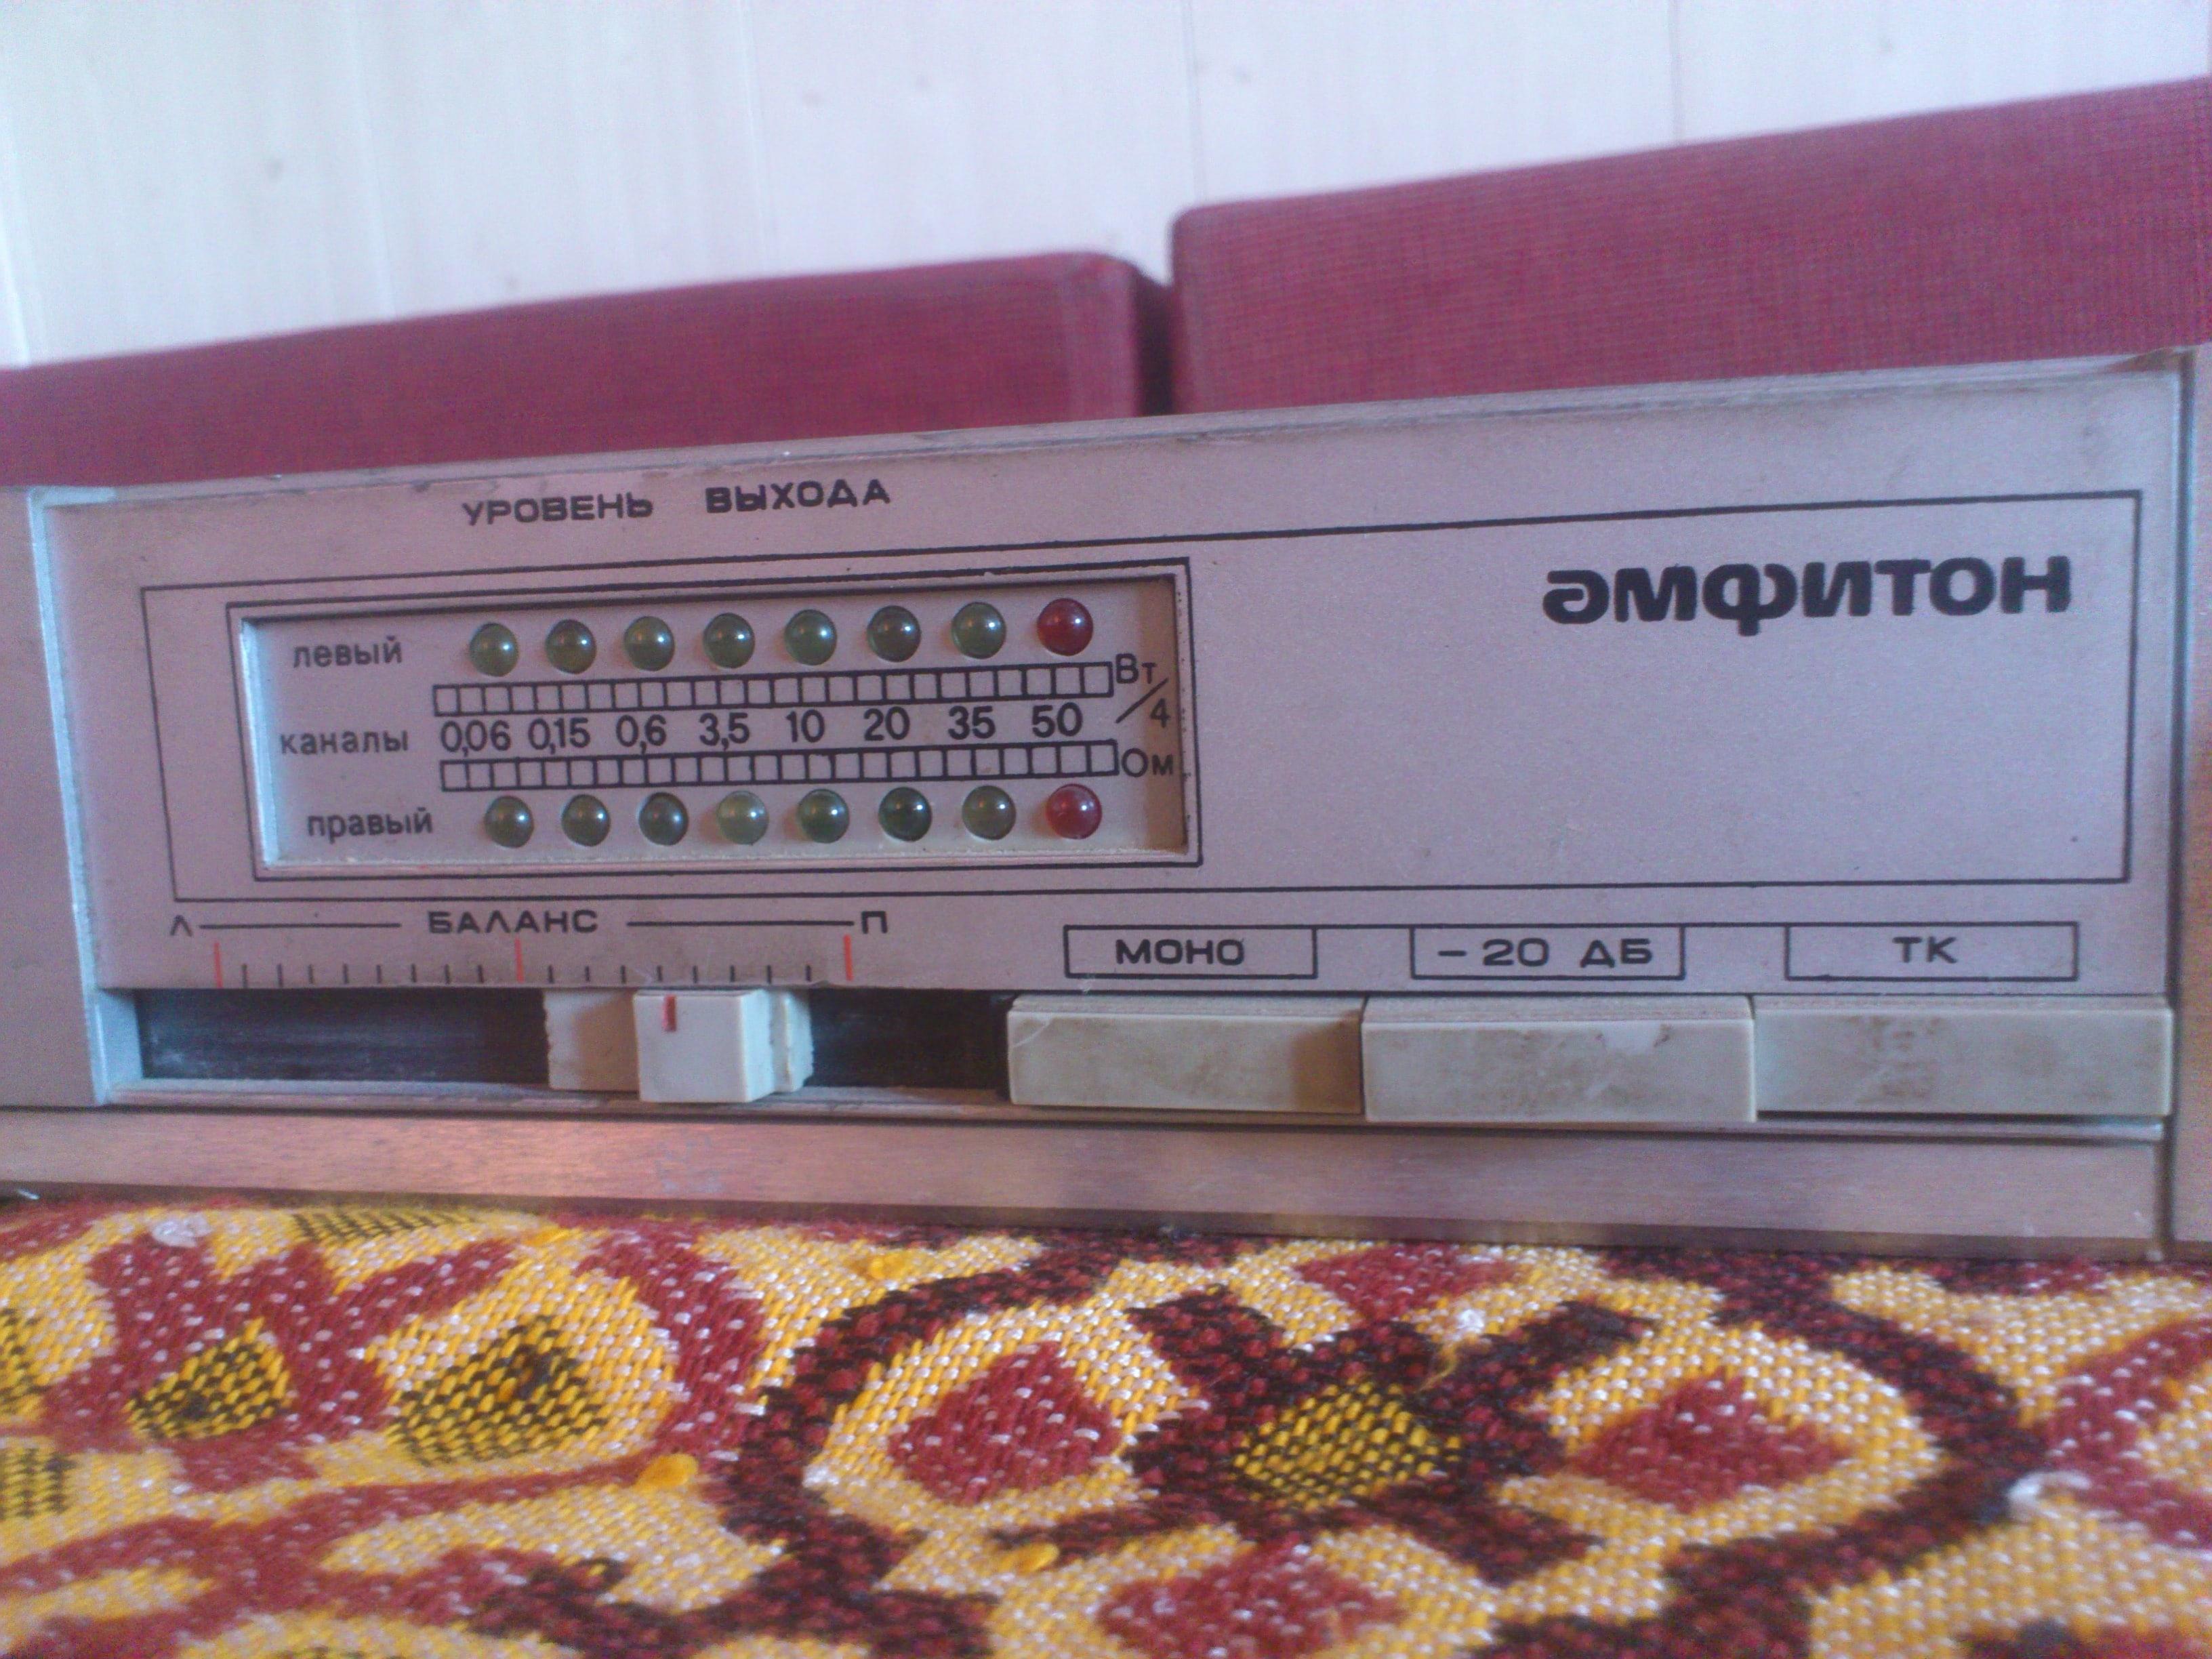 Усилитель Амфитон 75У-101С